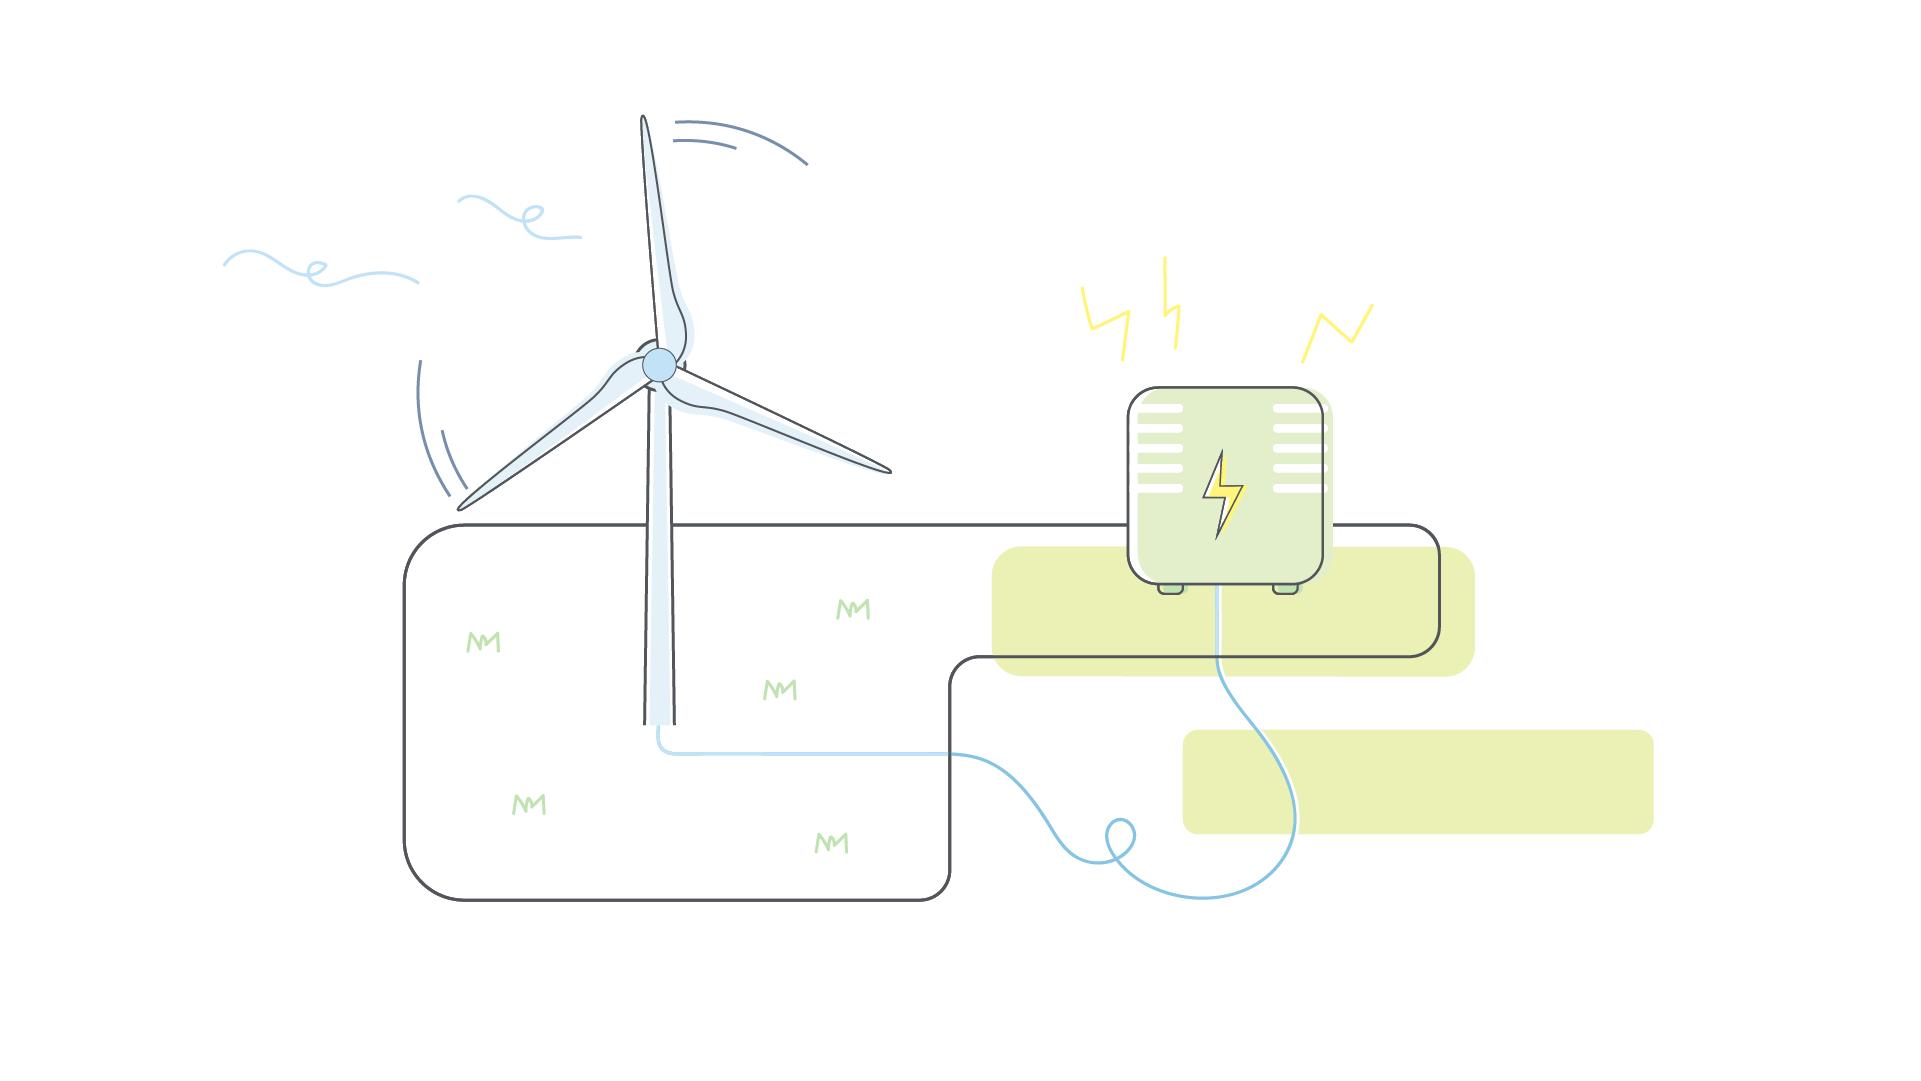 Essent_Windenergie_stijplaat02_generator.png